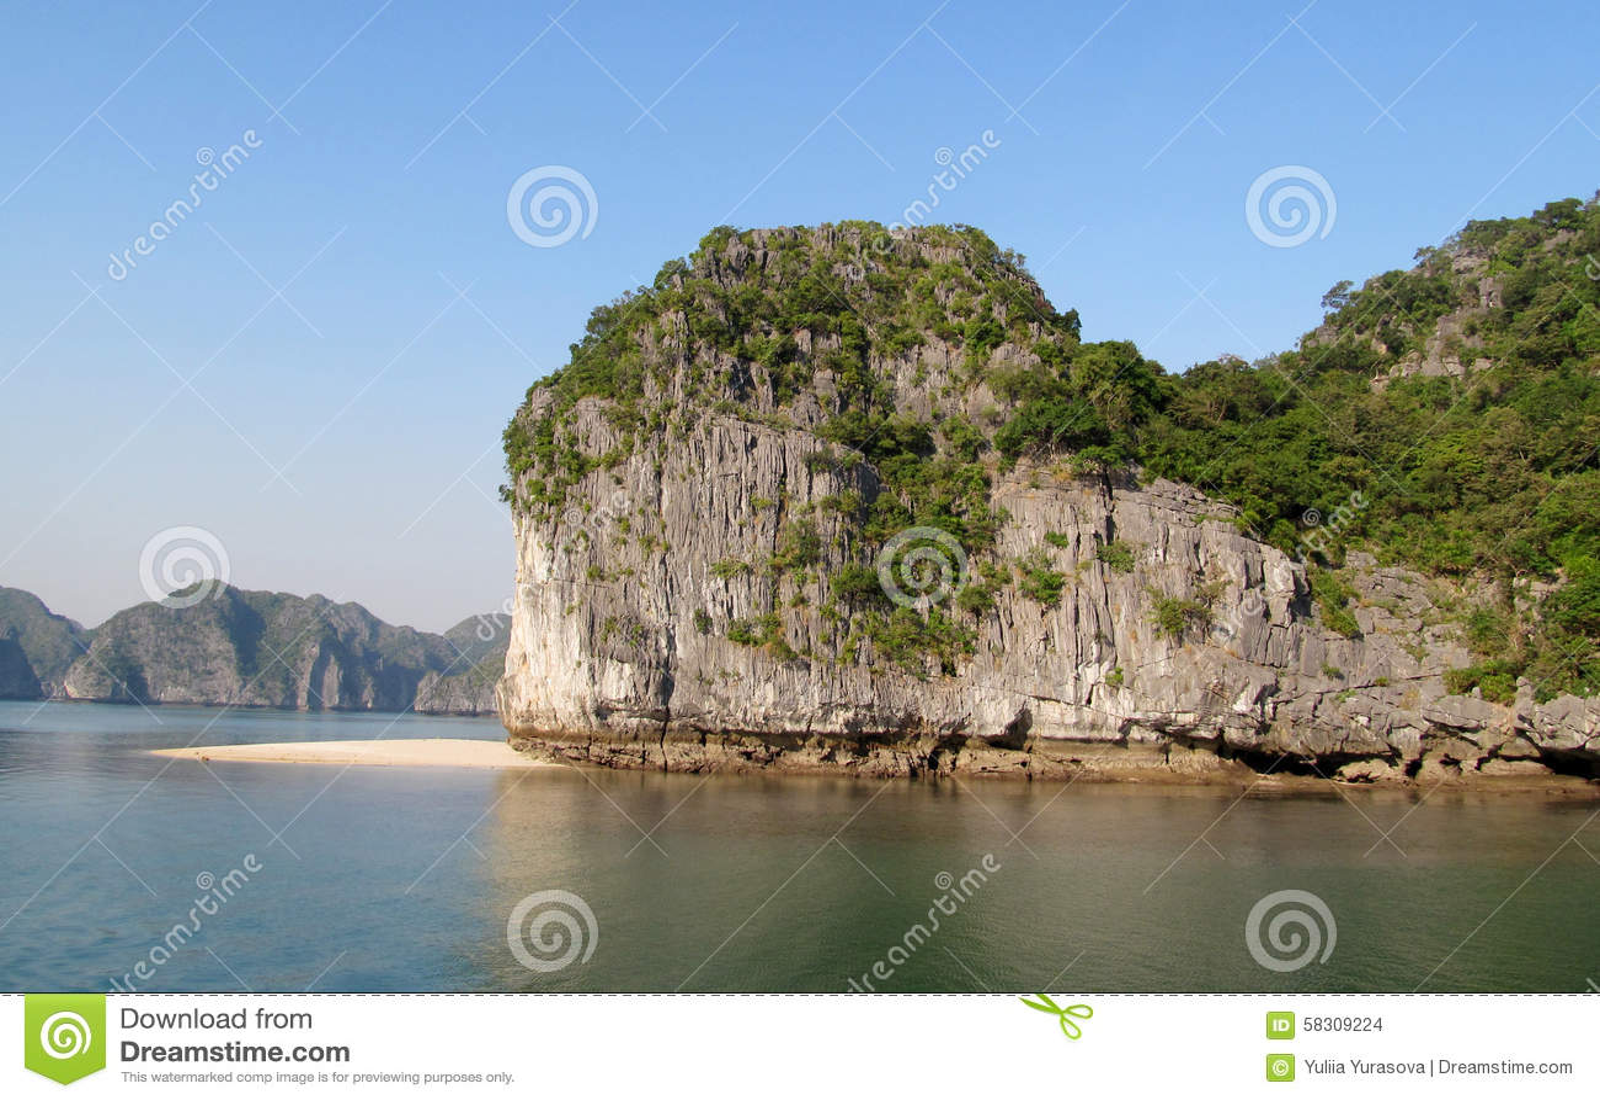 Dramatic beautiflu islands in the sea